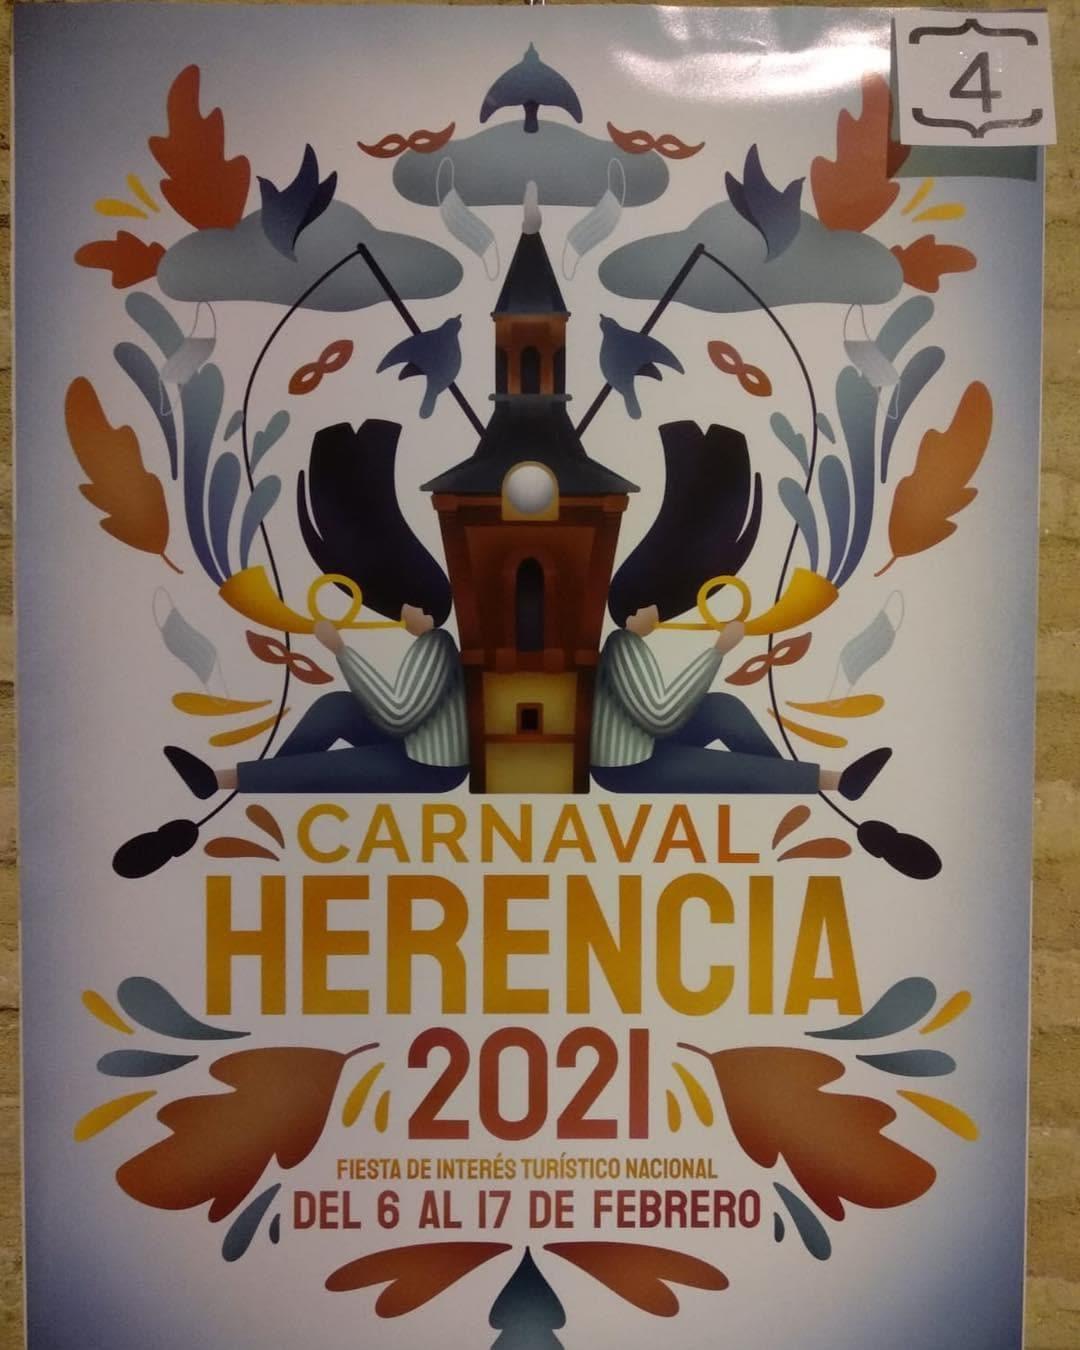 Conoce los 4 carteles del concurso para el Carnaval de Herencia 2021 8